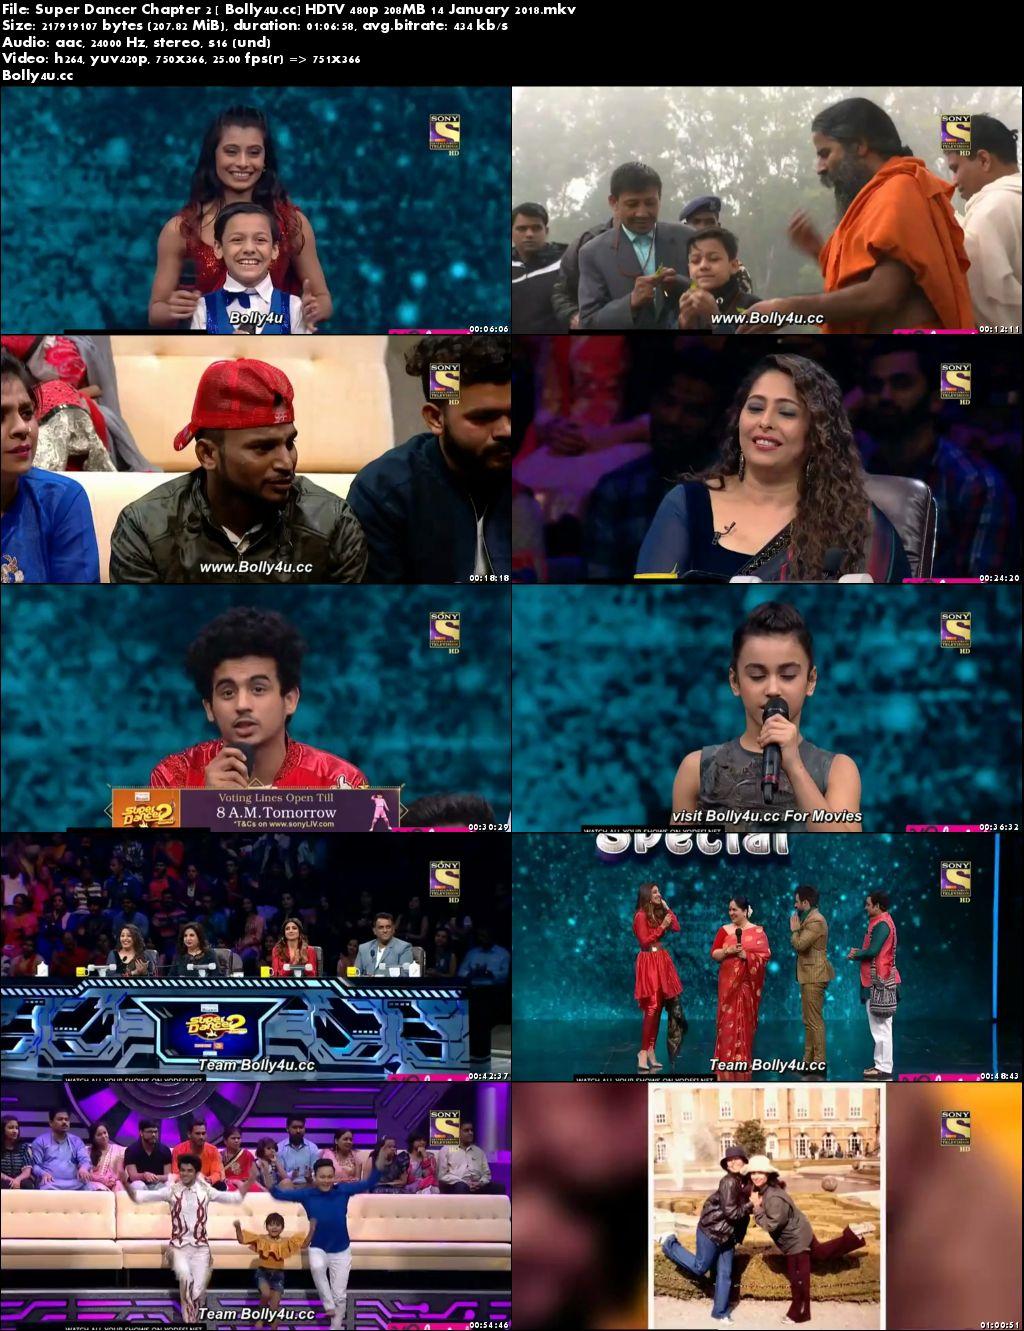 Super Dancer Chapter 2 HDTV 480p 200MB 14 January 2018 Download